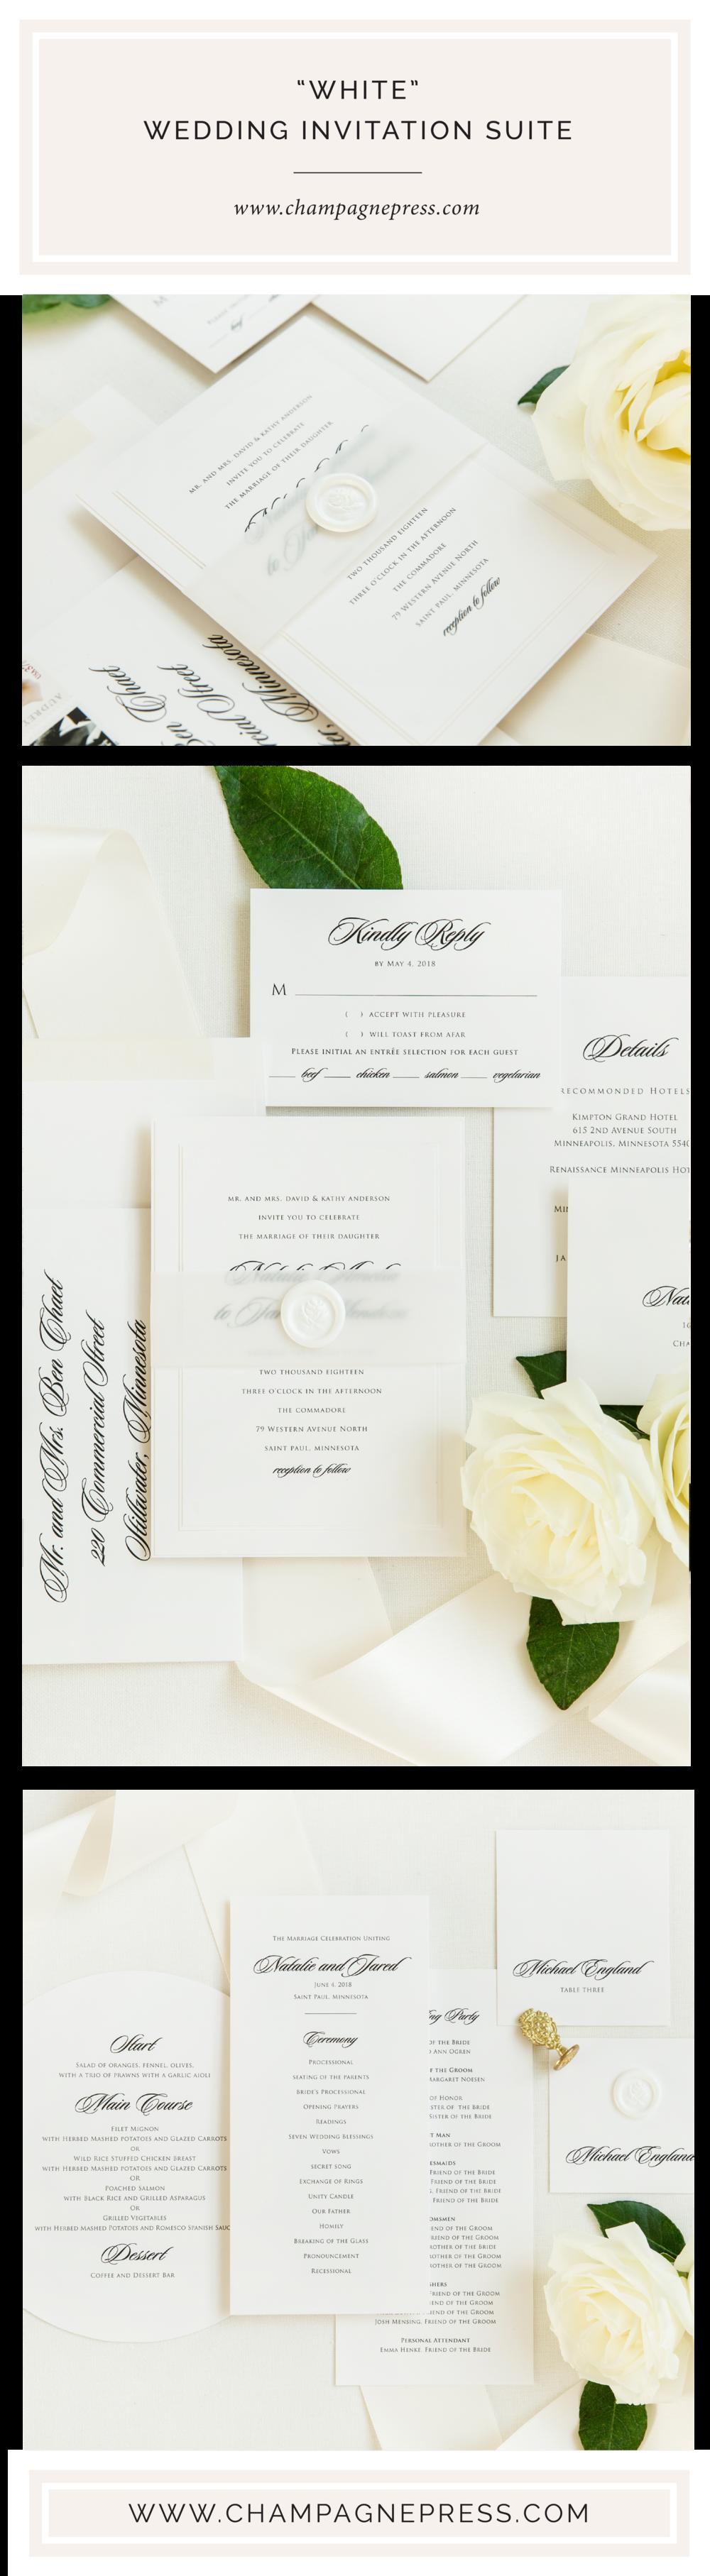 Champagne Press White Classic Wedding Invitation Suite